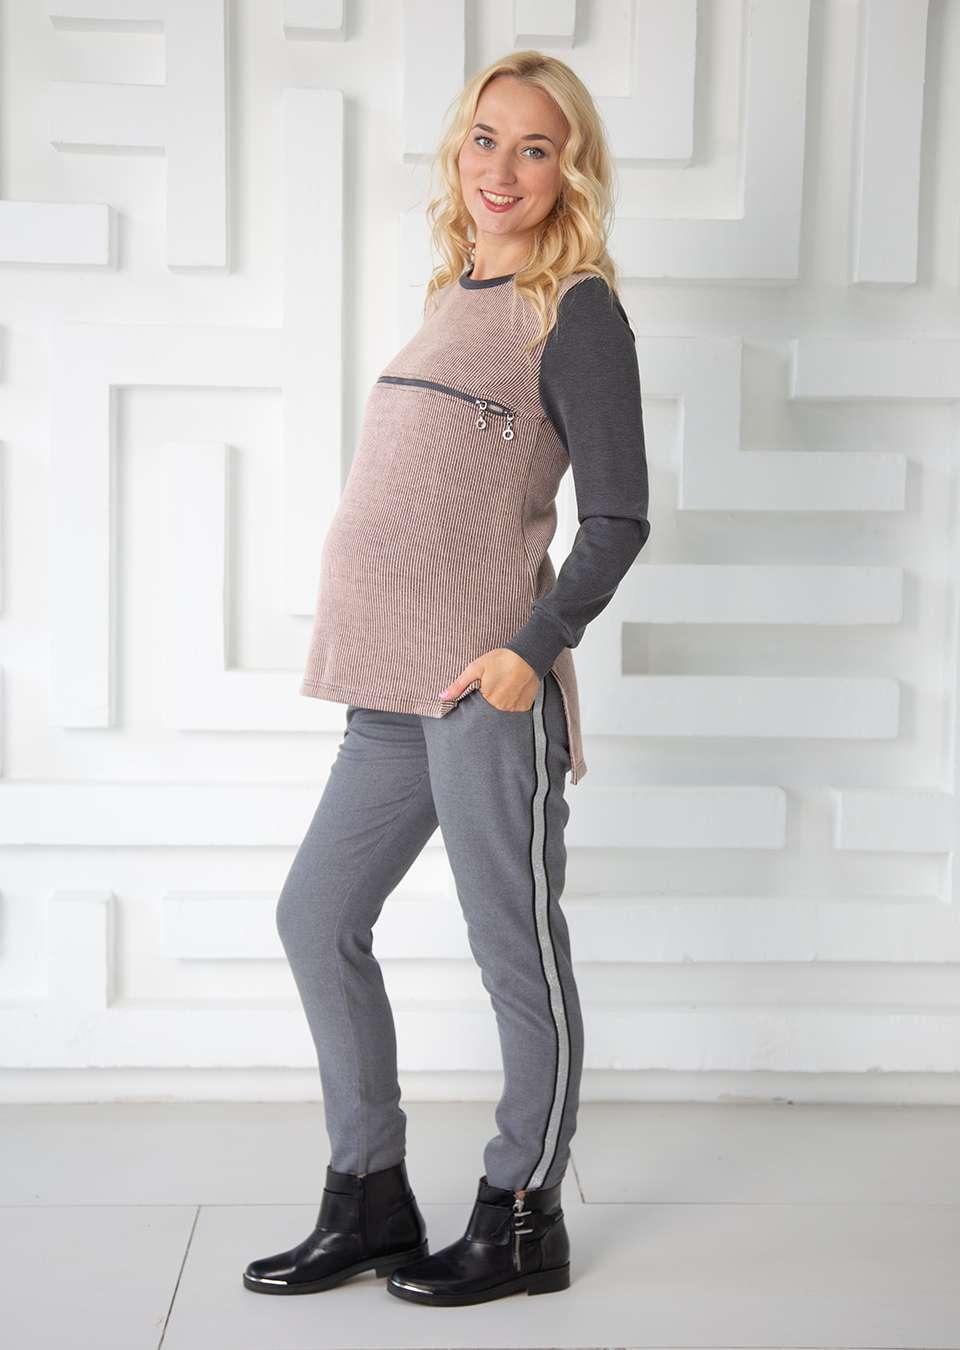 Брюки Алма с лампасом для беременных